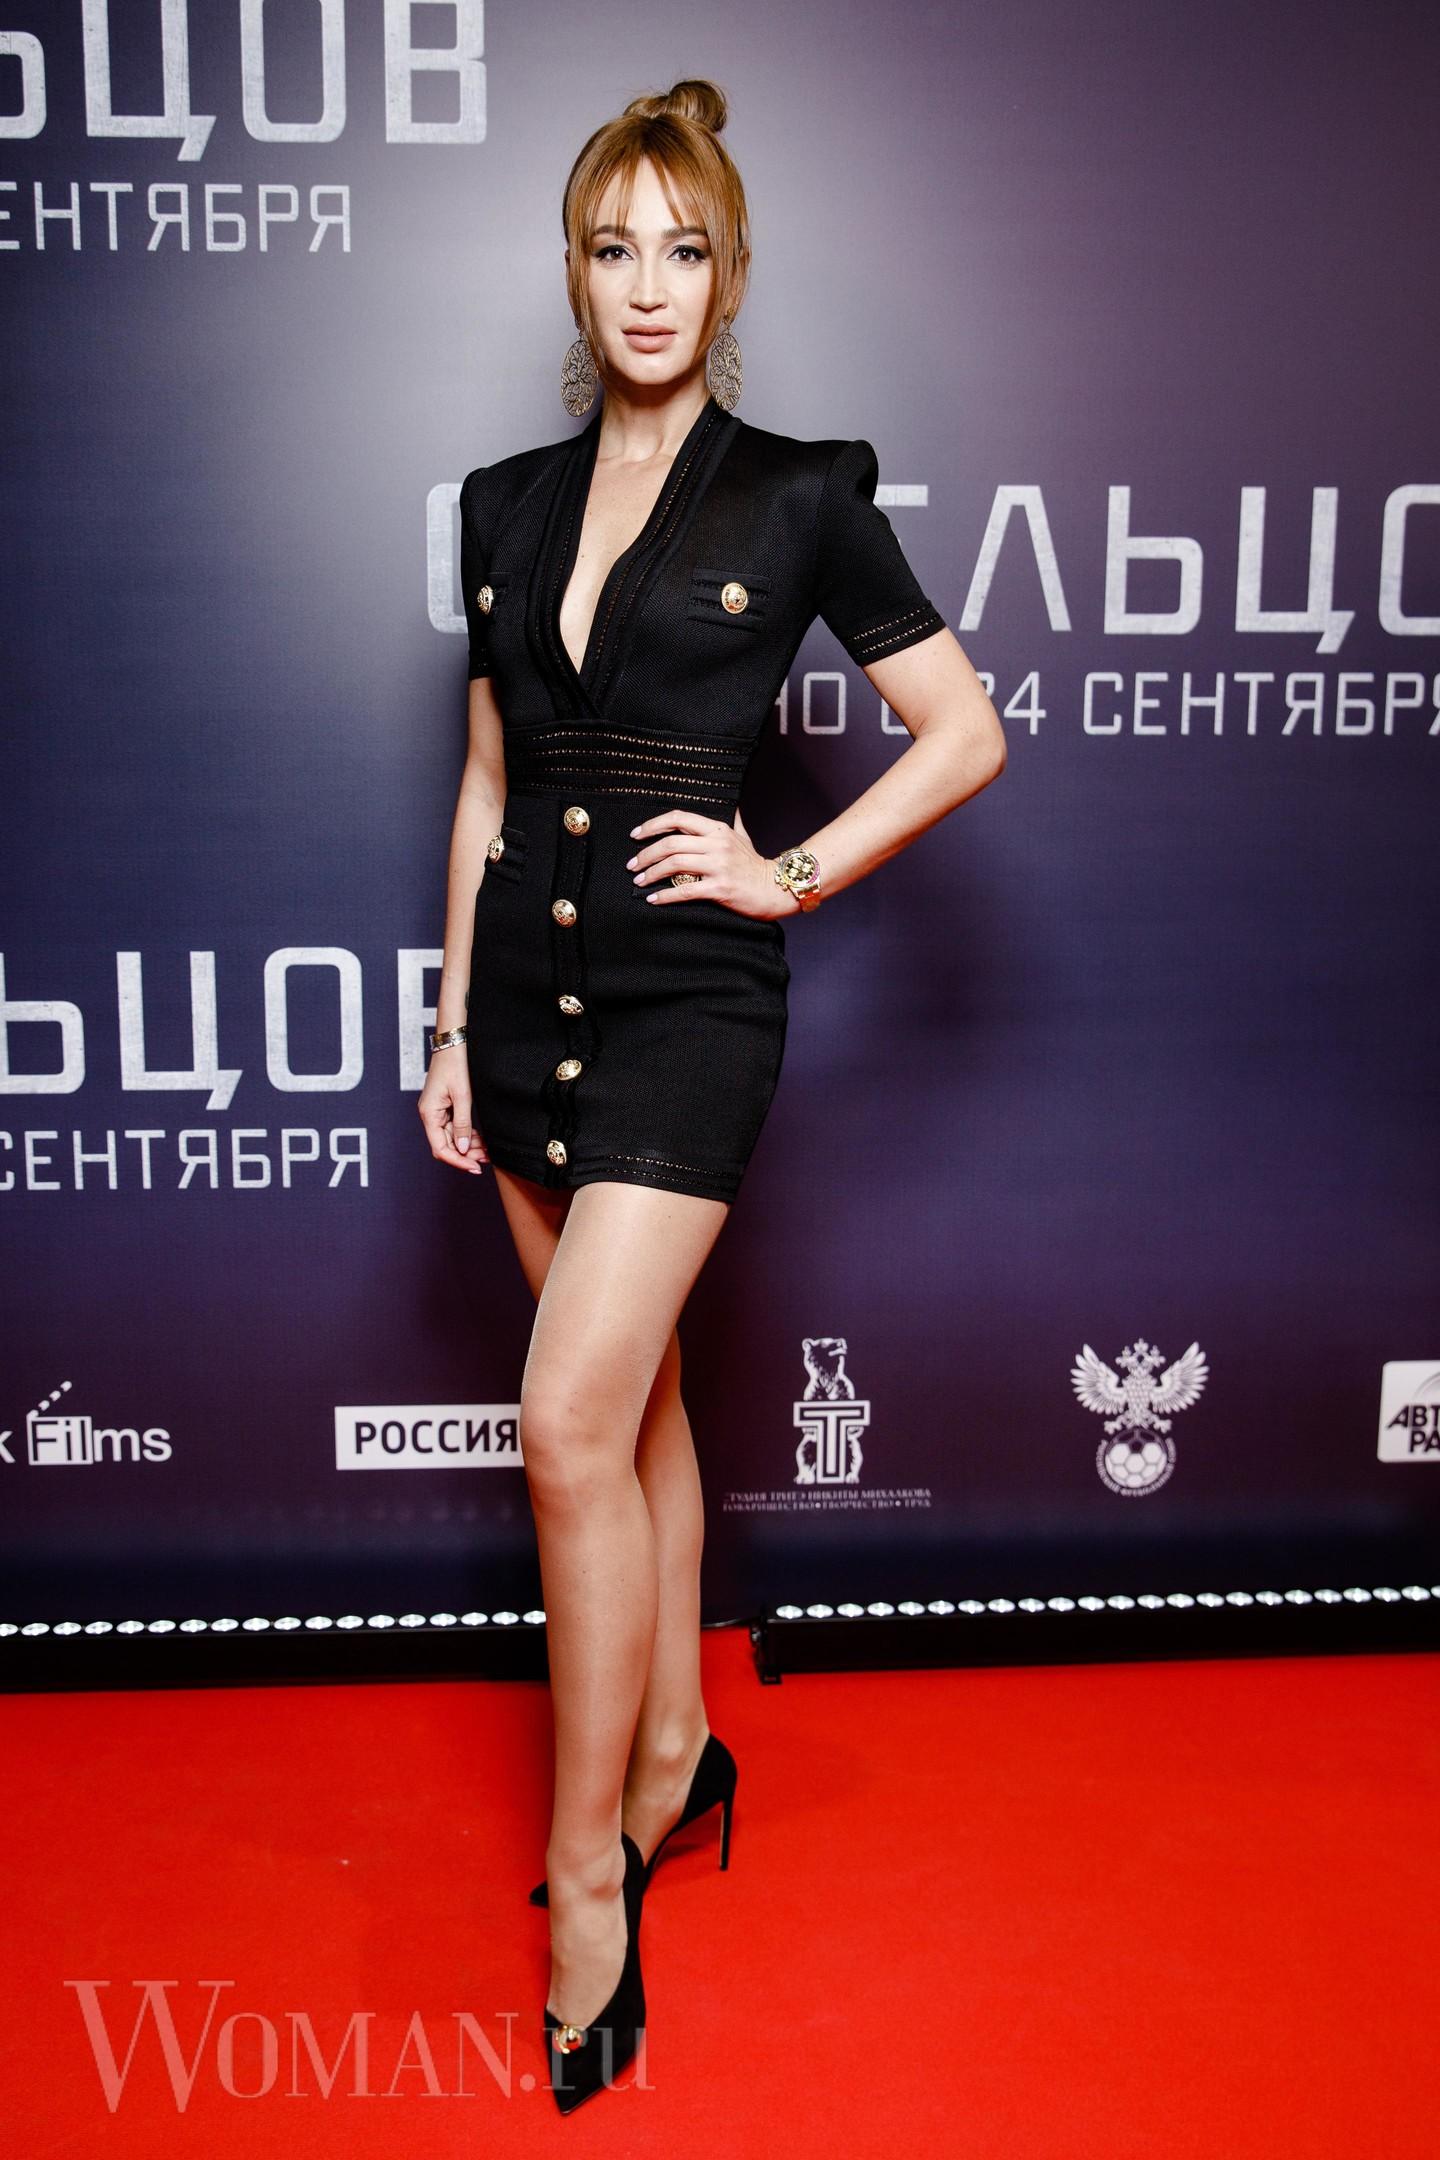 Ольга Бузова восхищается талантом актера Александра Петрова